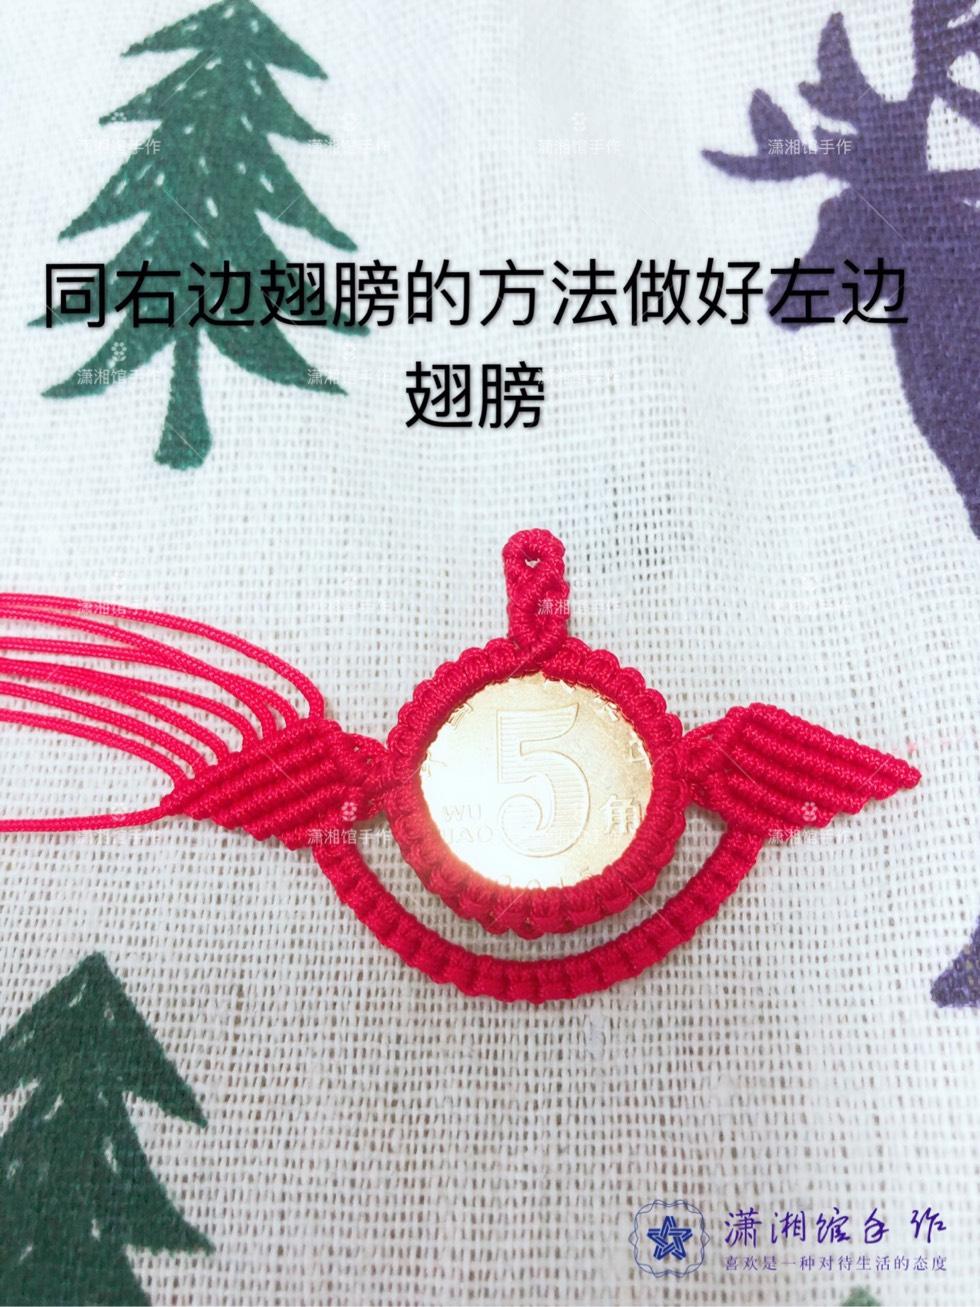 中国结论坛 硬币挂件天使翅膀钥匙扣教程  图文教程区 170147hlroe5eluwes8wjj